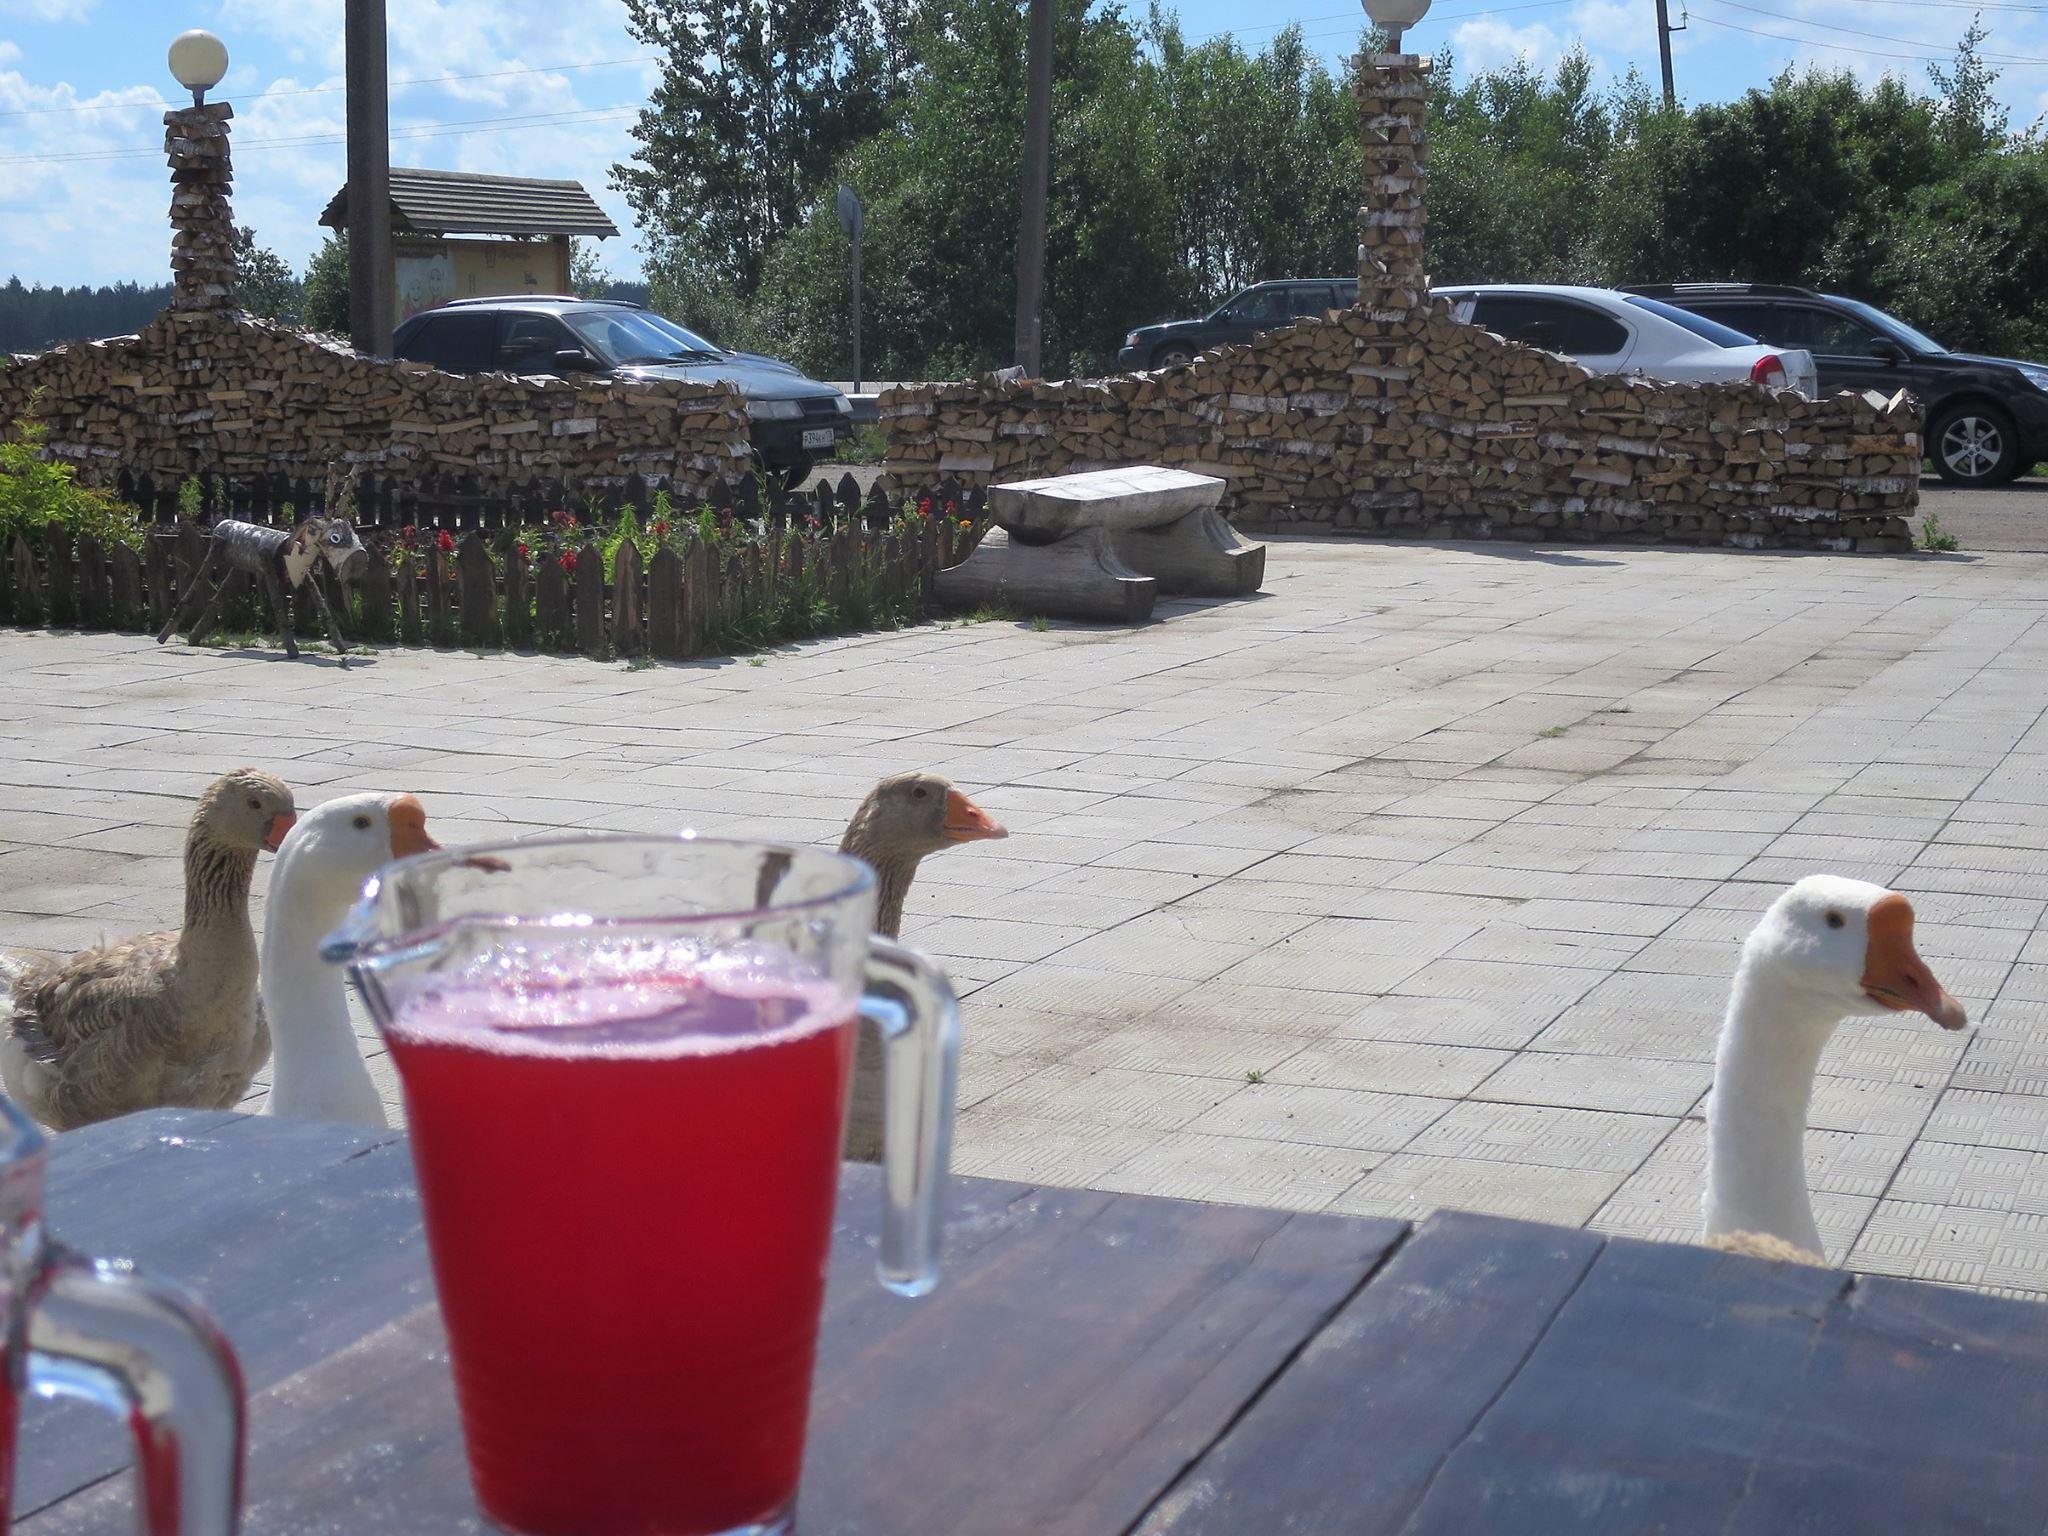 Hanhet, ankat, vuohet ja kanat liikkuvat ravintolan pihalla vapaana... Odottavat varmaankin vuoroaan :)